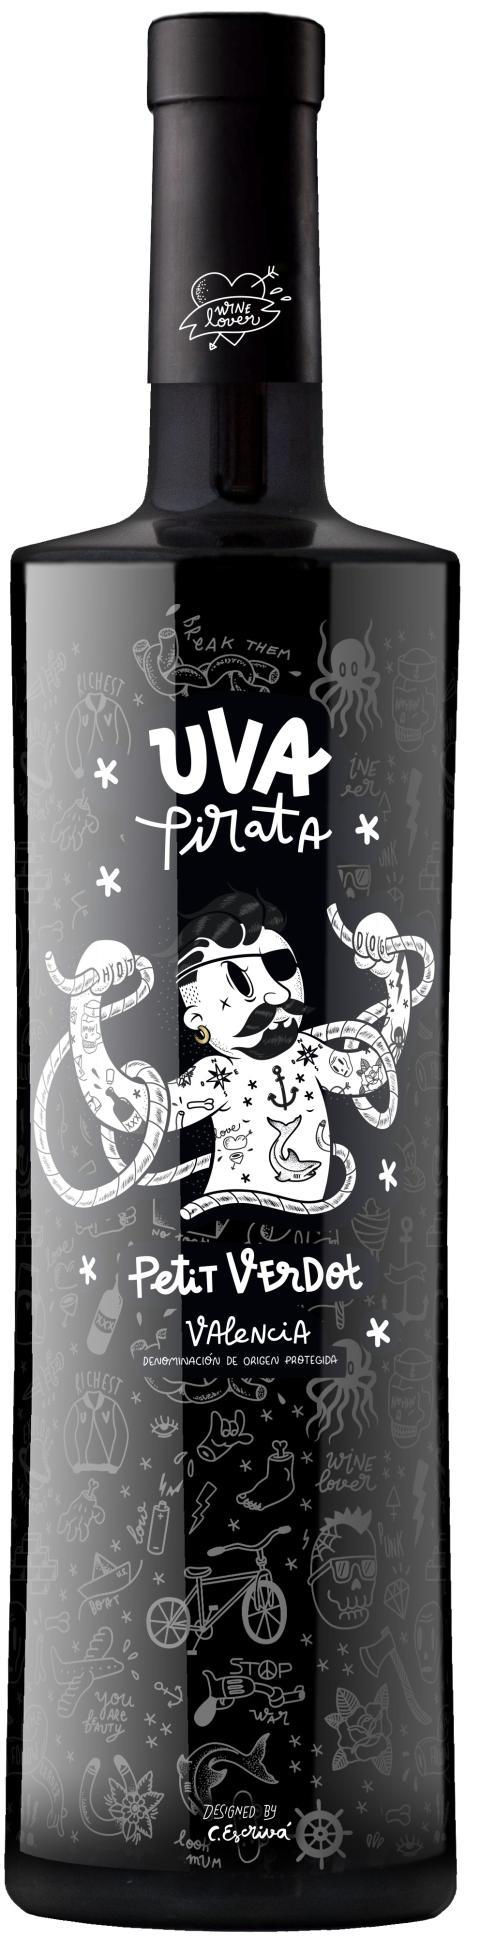 Uva Pirata